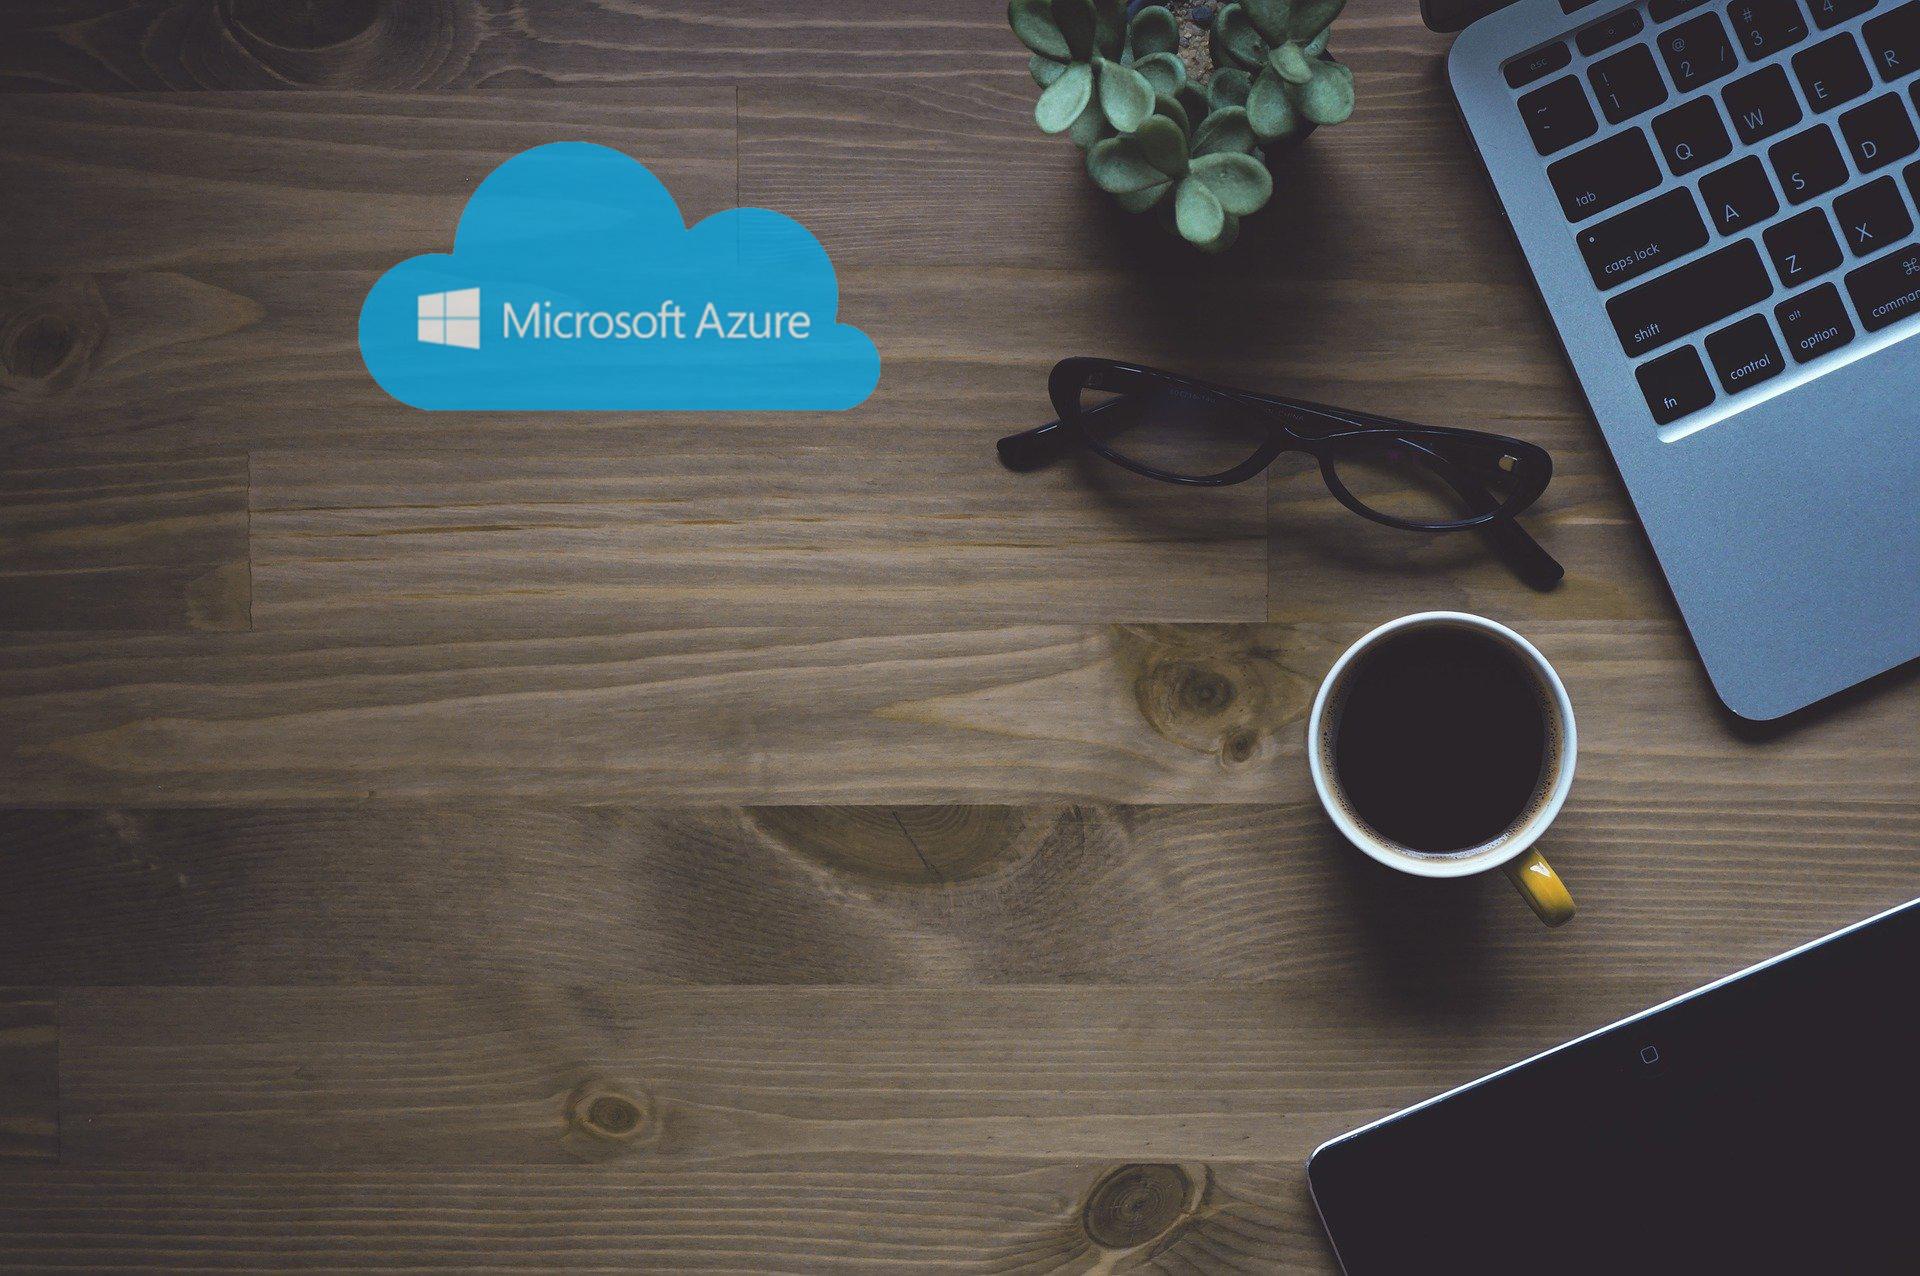 Microsoft Azure subindo 21% e agora?